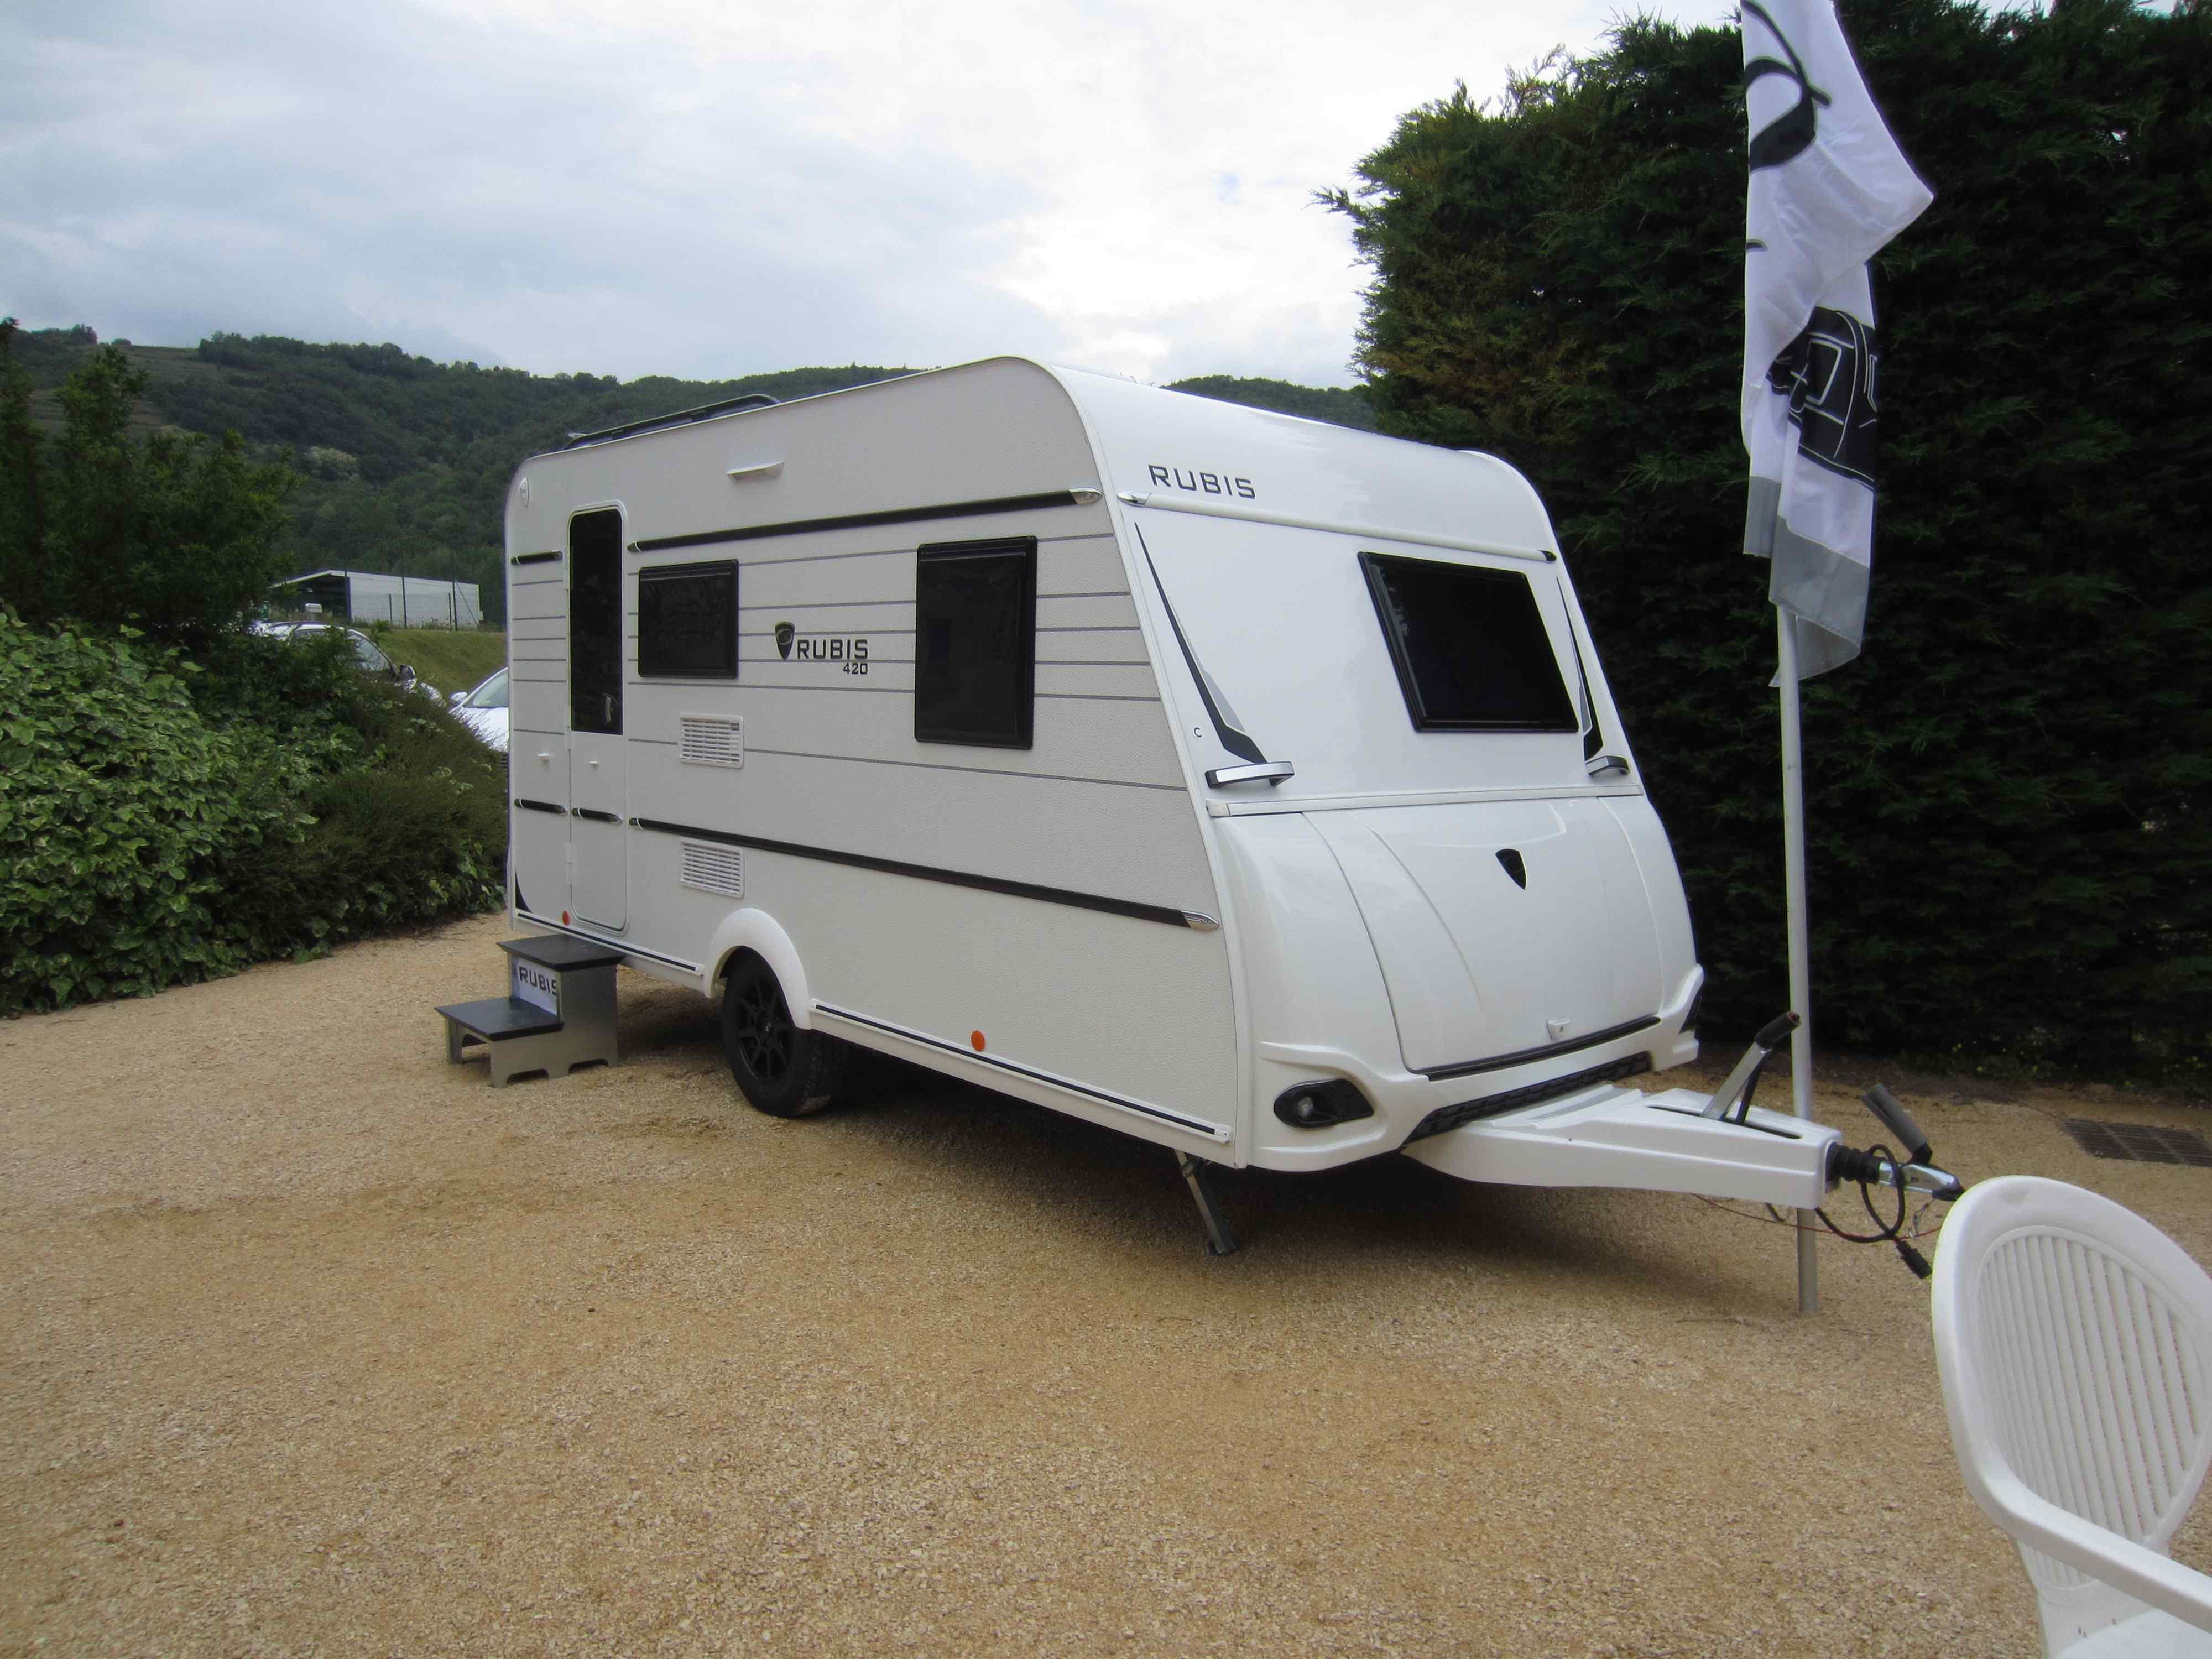 Rubis 420 modèle 2020 Fabre caravanes